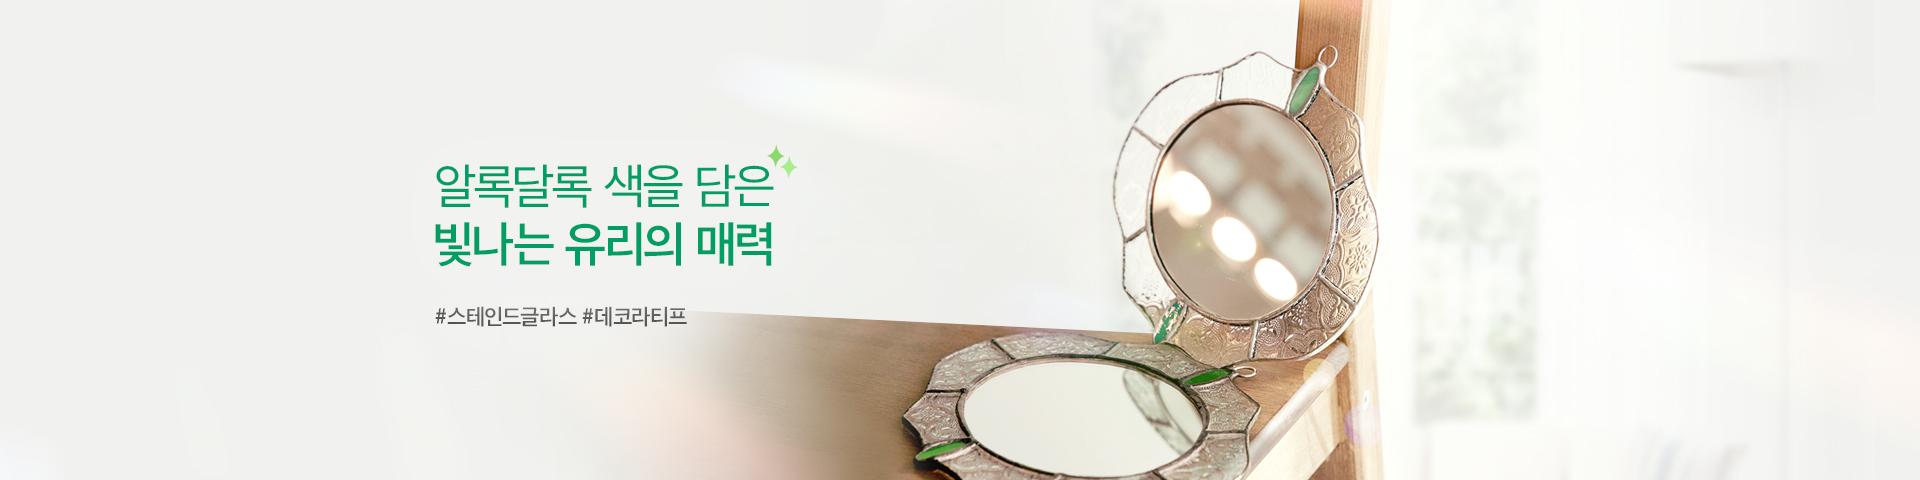 클래스소개_스테인드글라스